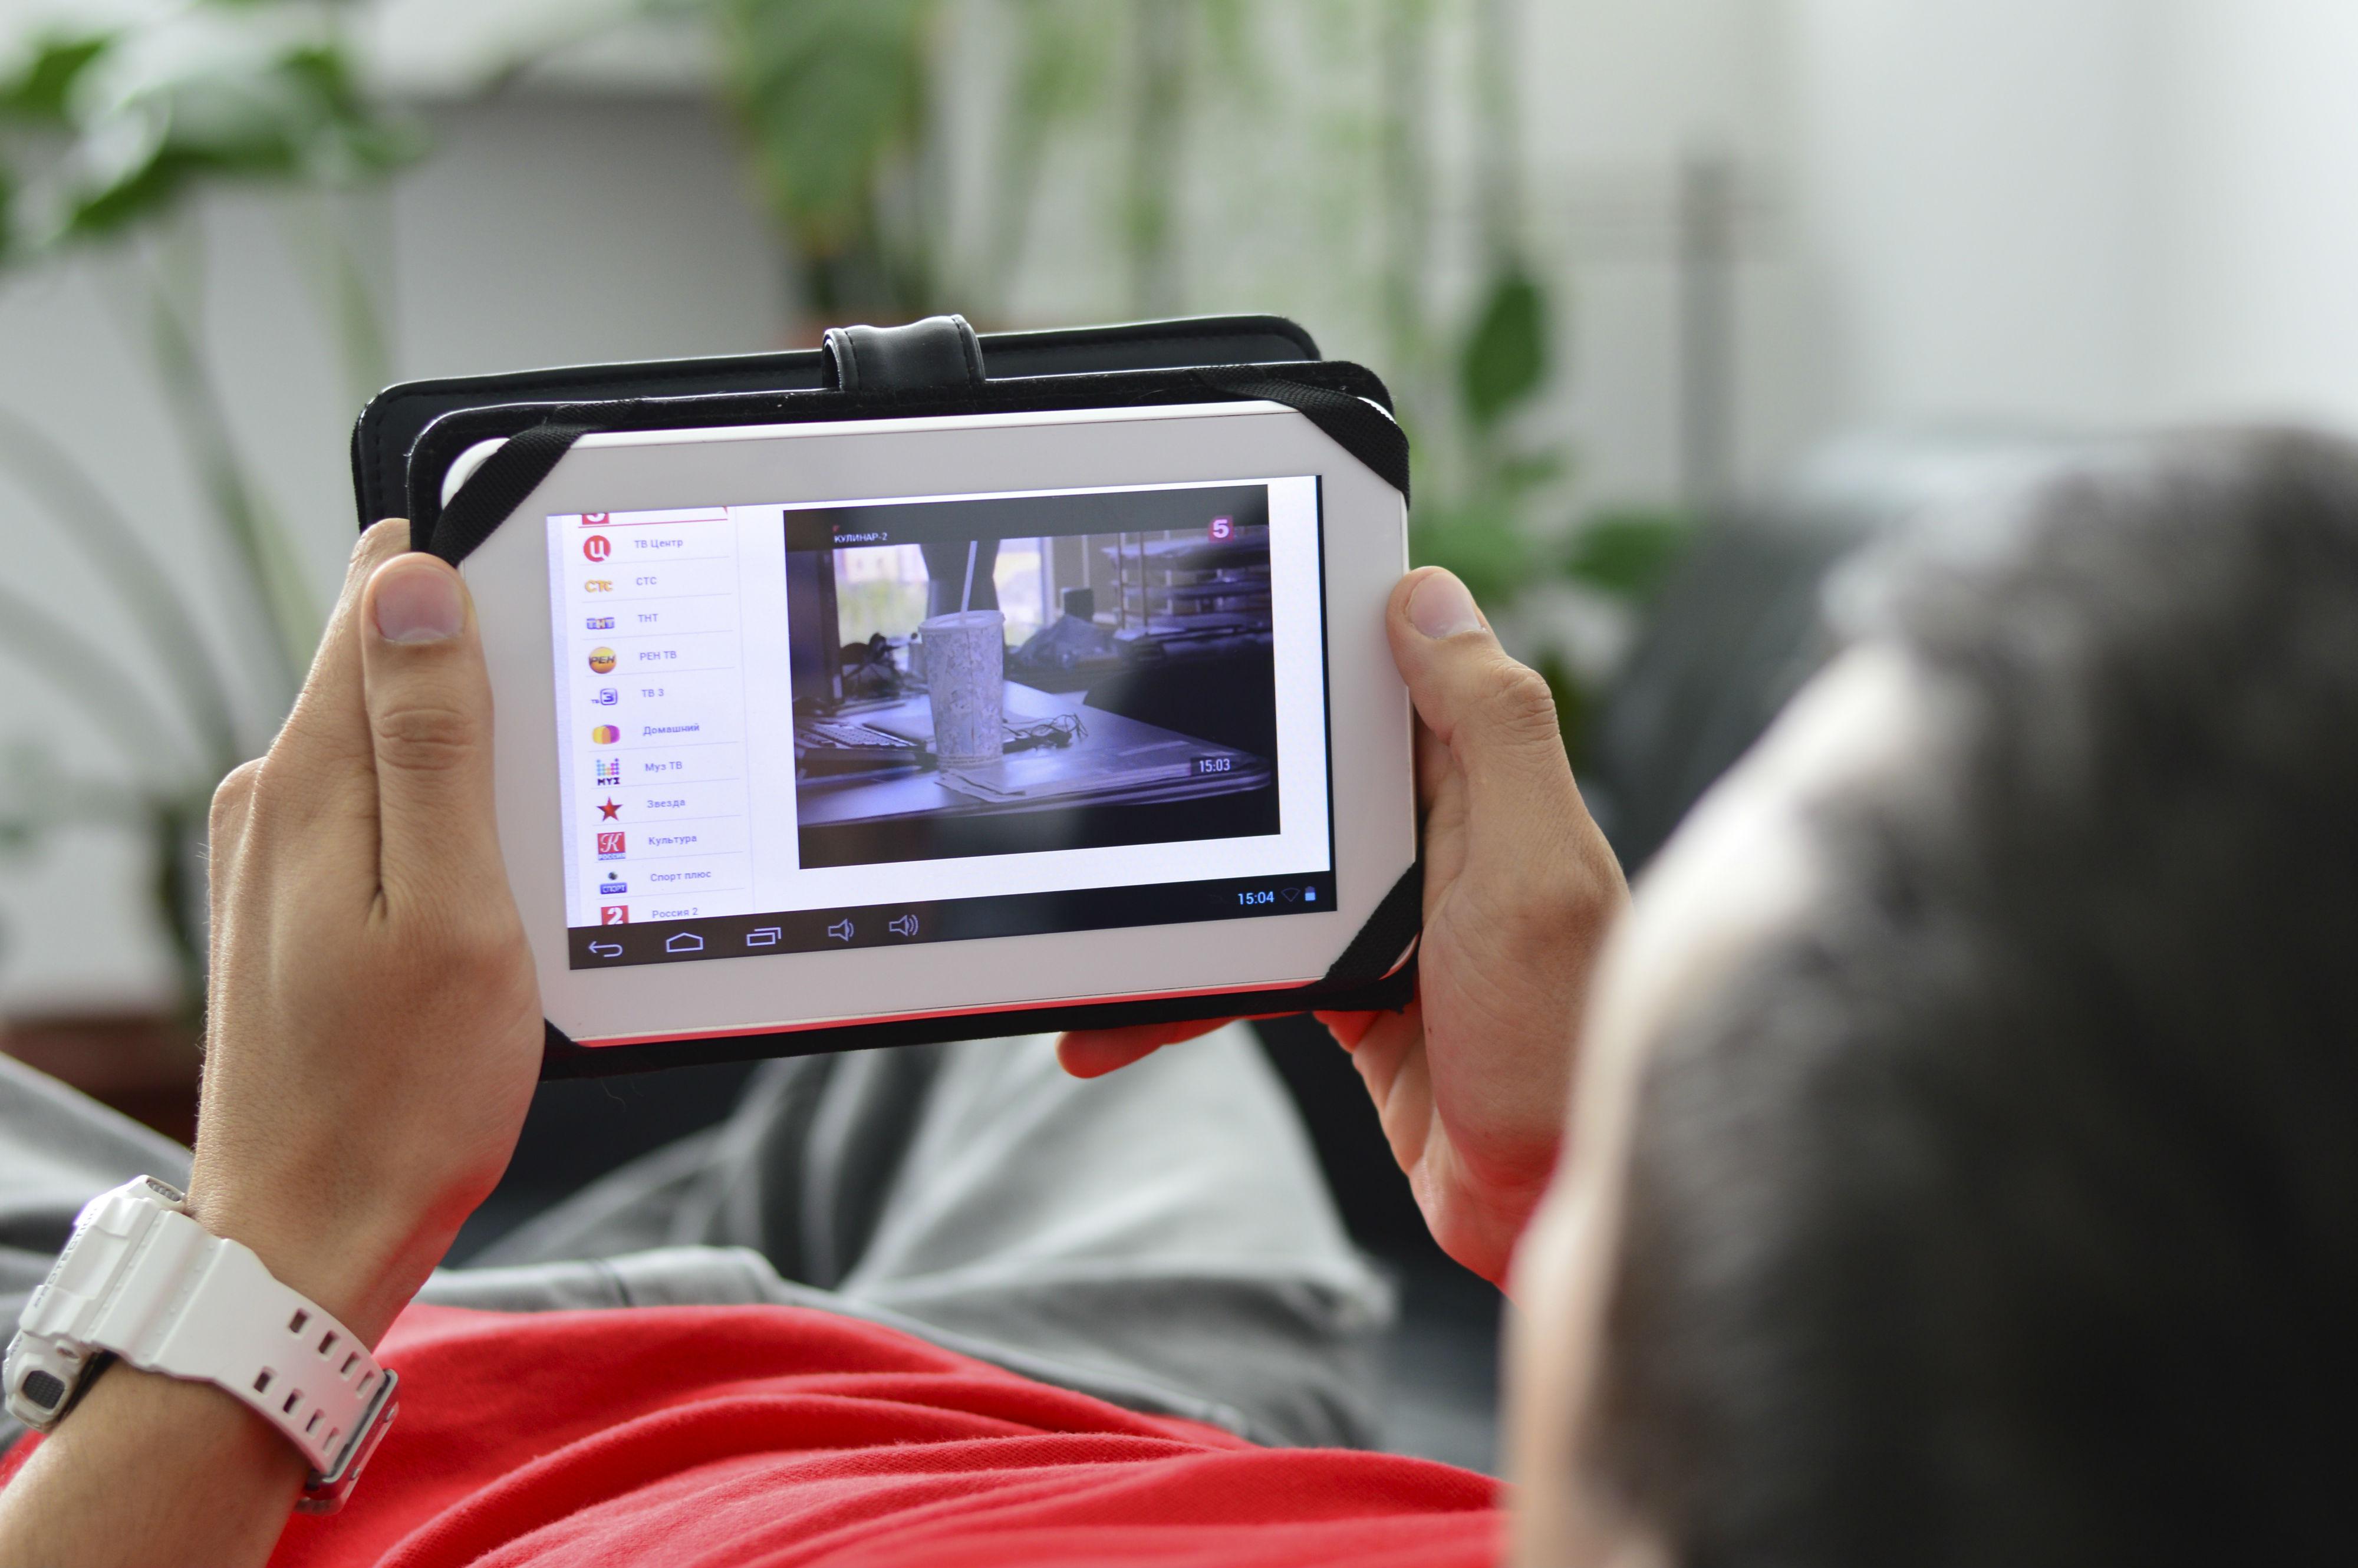 Телеканал спорт смотреть онлайн прямой эфир бесплатно россия 15 фотография